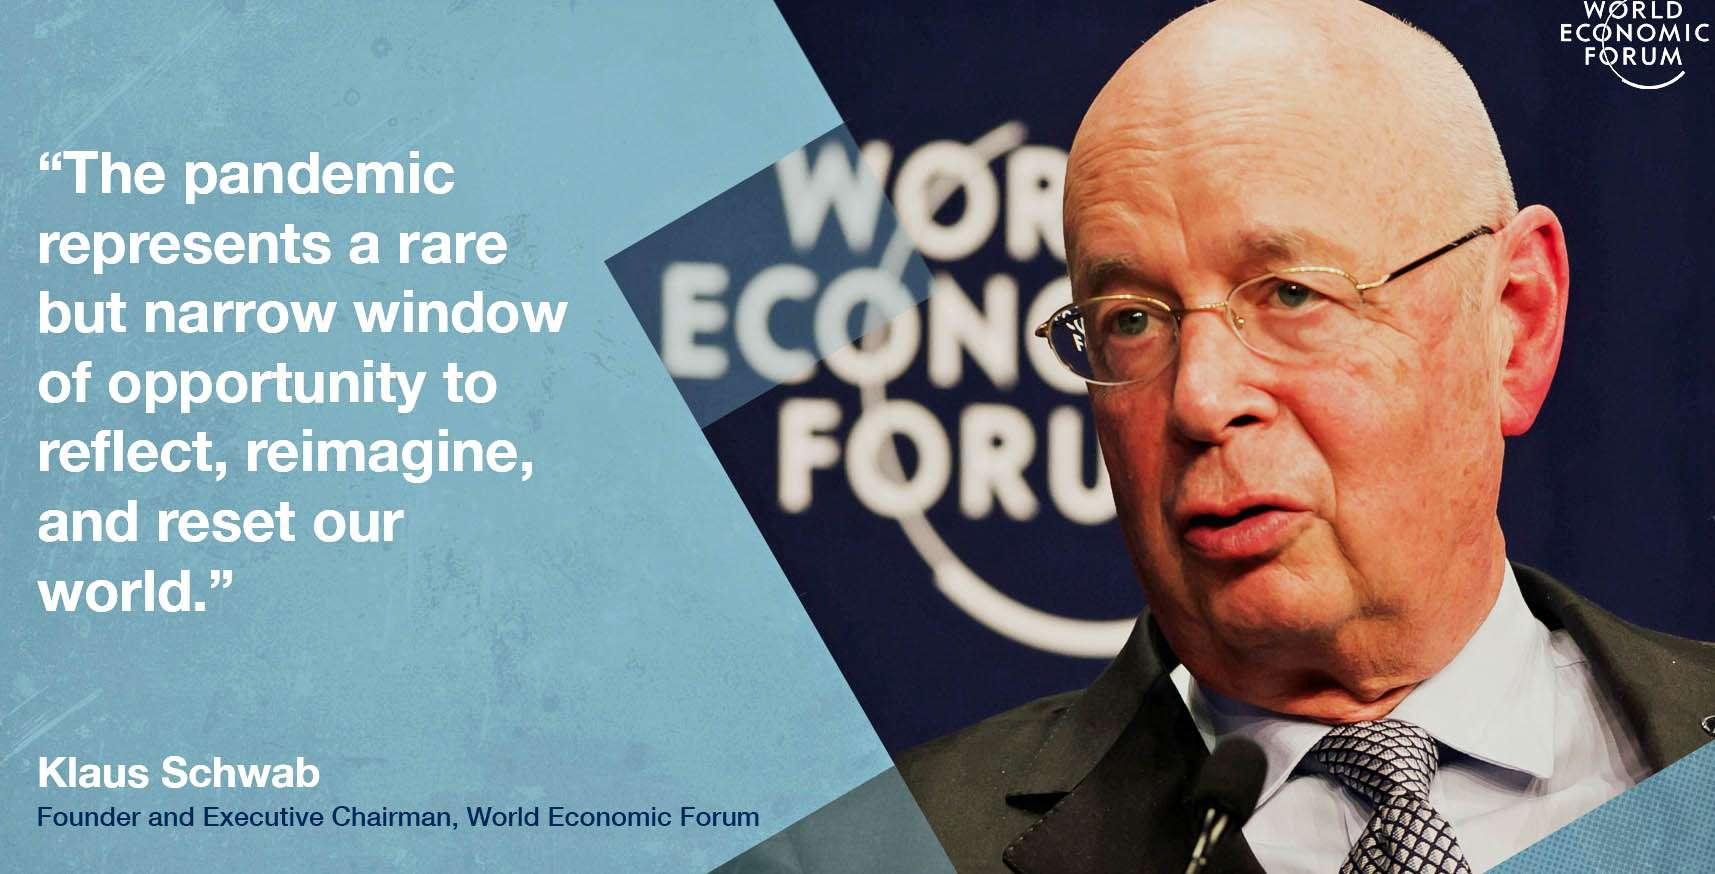 Μια νέα παγκόσμια οικονομική τάξη εγκαθιδρύεται